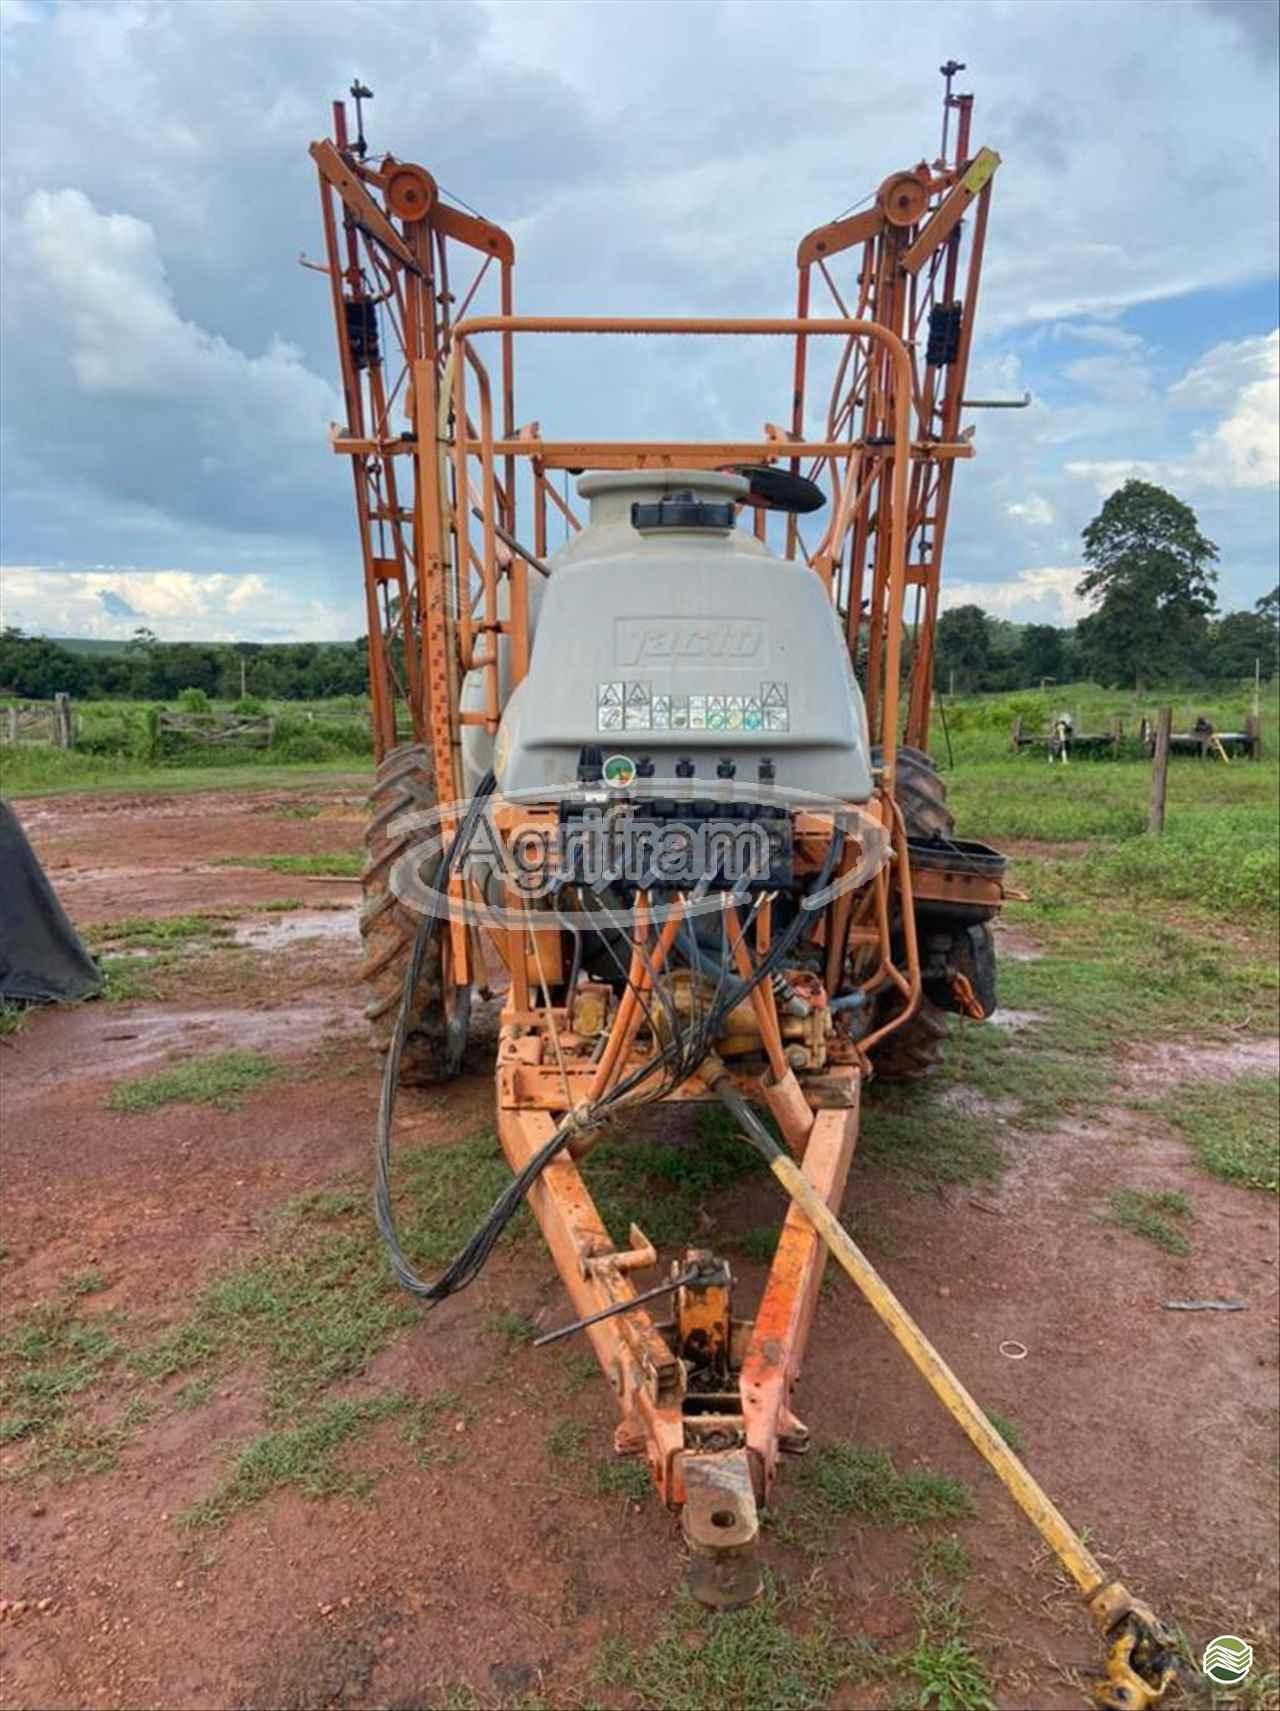 PULVERIZADOR JACTO ADVANCE 3000 AM18 Arrasto Agrifram Máquinas e Soluções Agrícolas LUIS EDUARDO MAGALHAES BAHIA BA